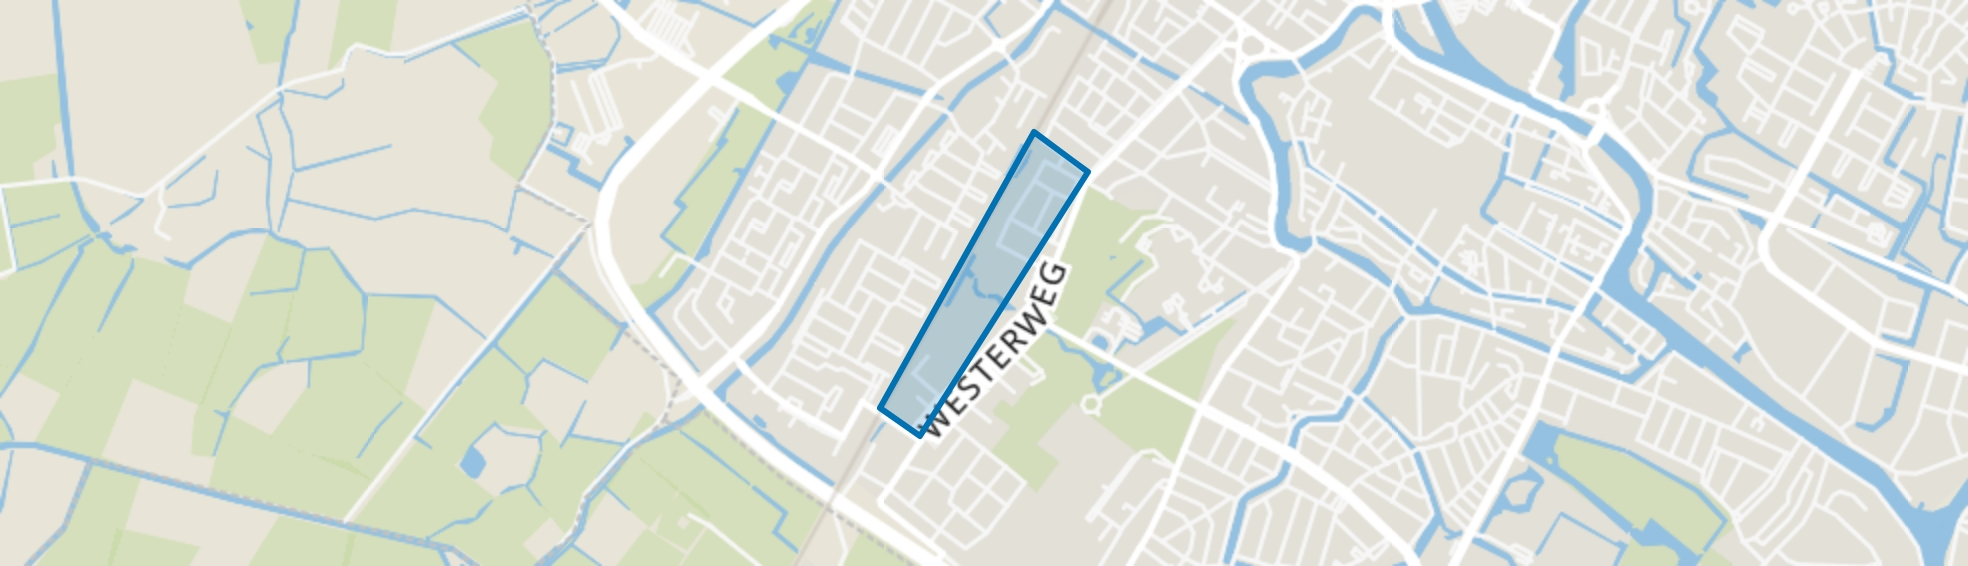 Cranenbroek, Alkmaar map